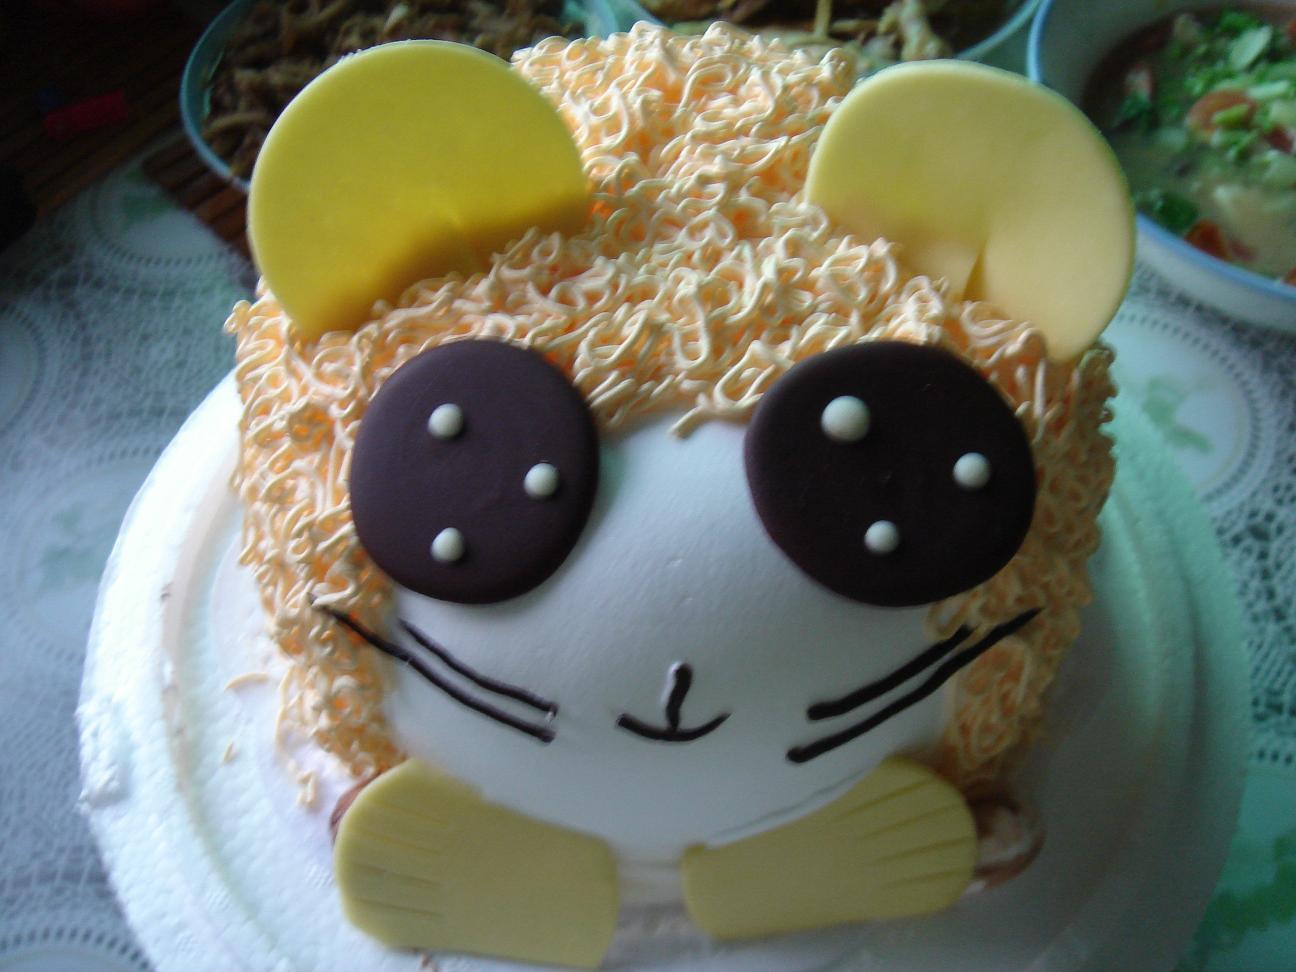 超可爱的一周岁生日蛋糕!